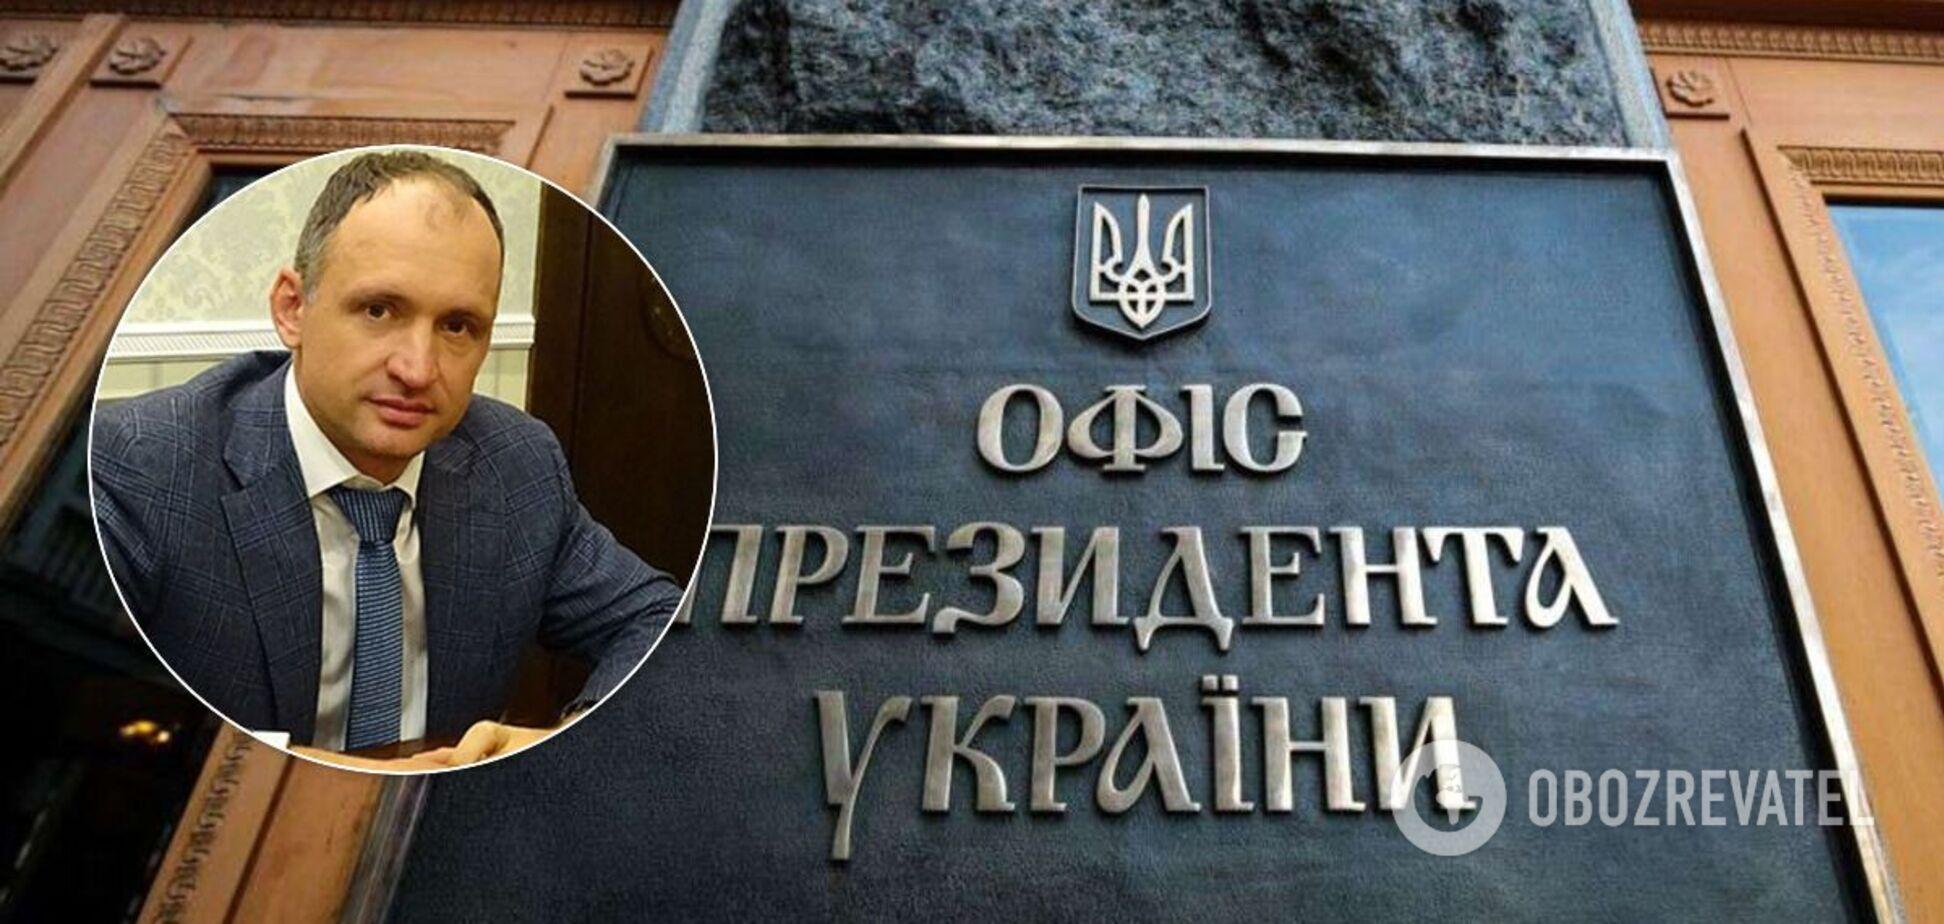 Тесть Татарова получил землю в Киеве после его назначения